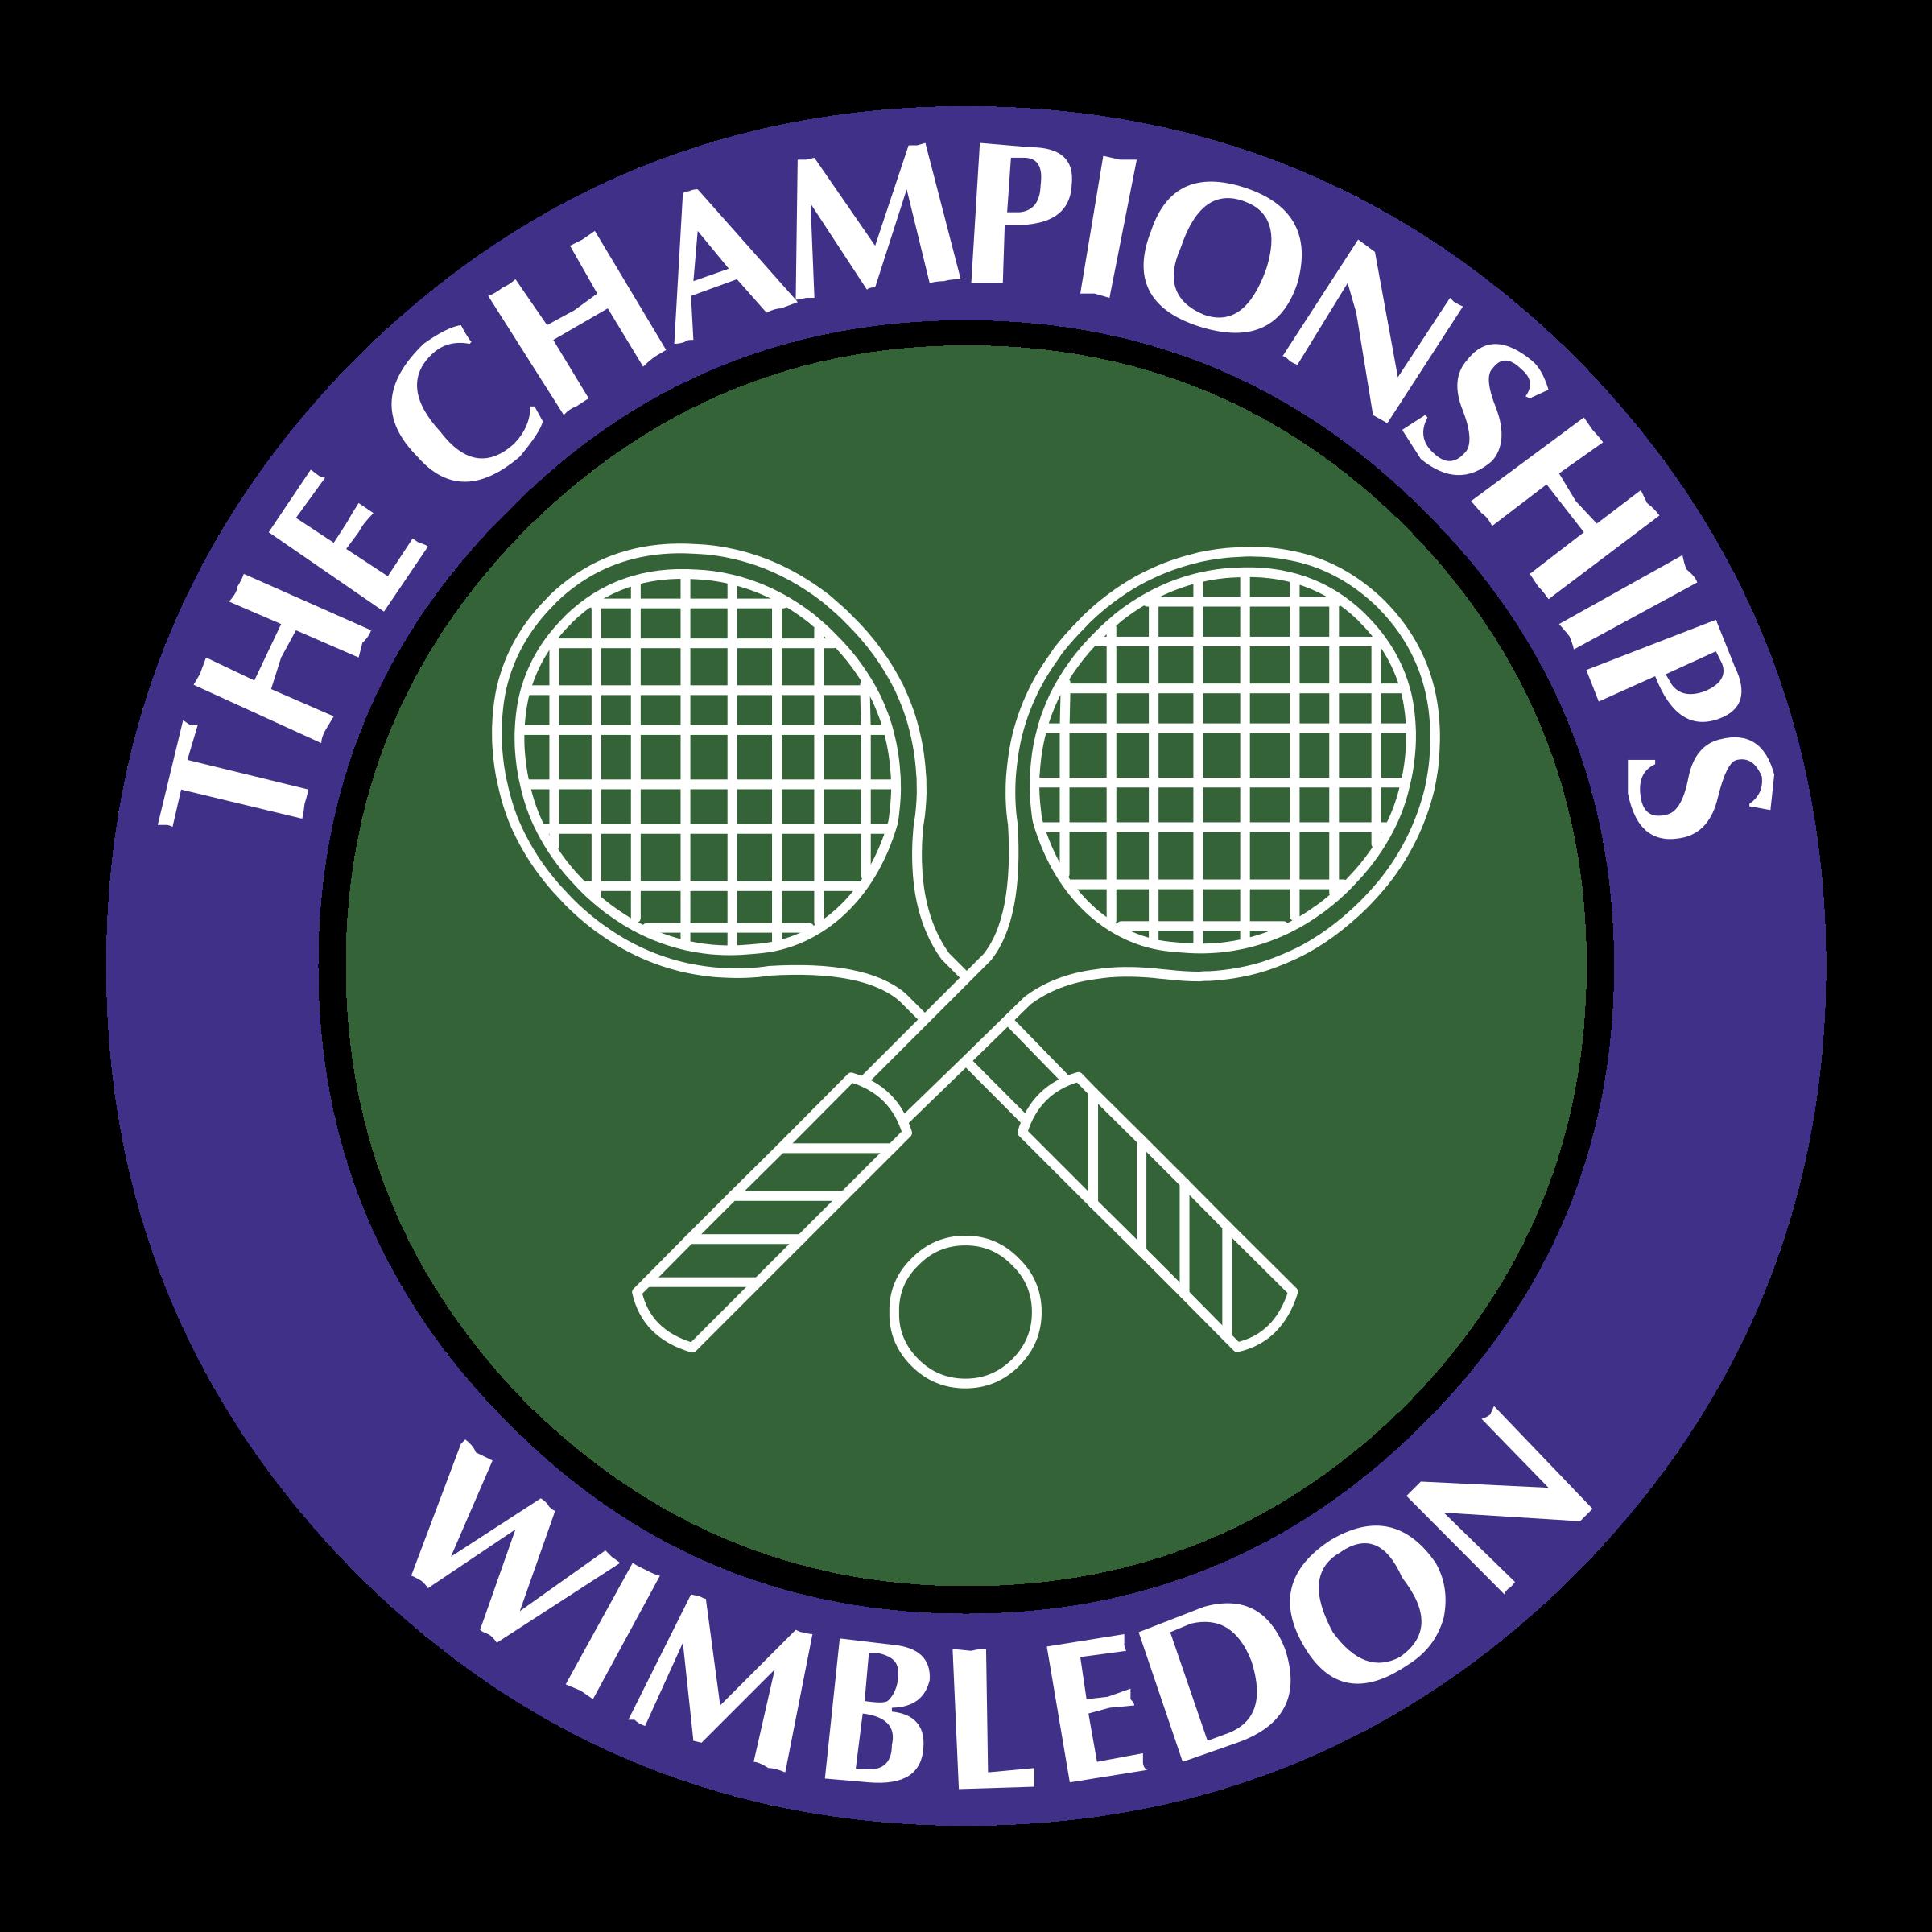 Wimbledon Logo PNG Transparent & SVG Vector.